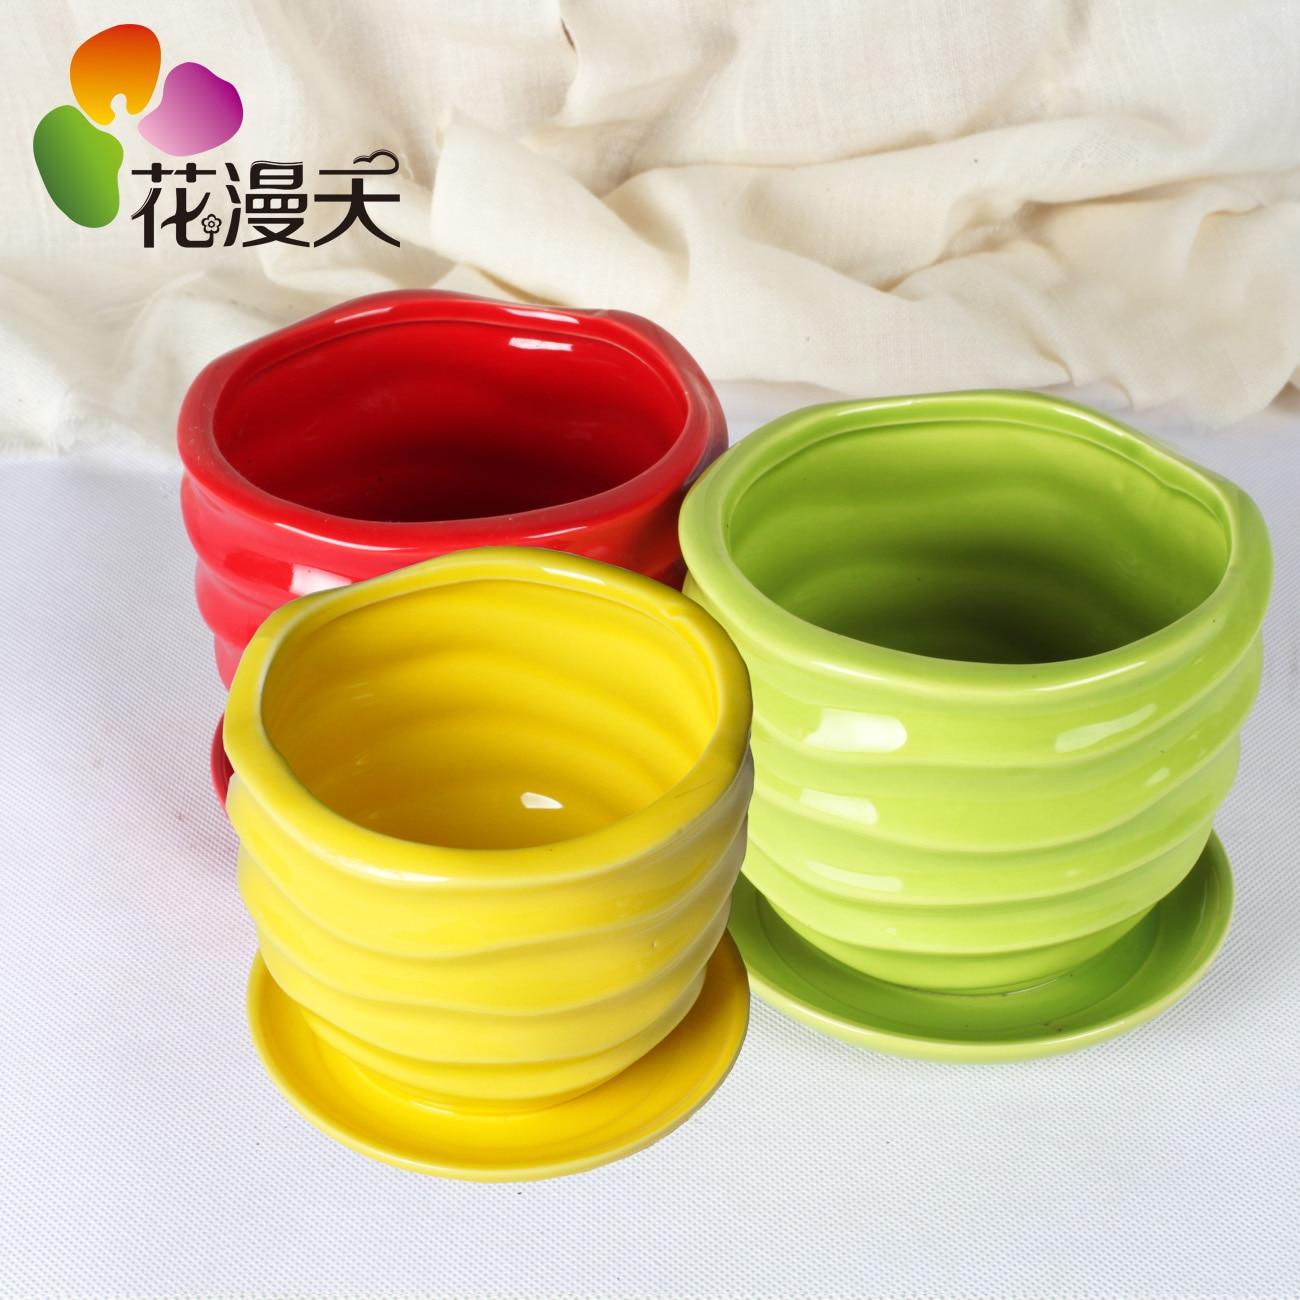 Ceramic Indoor Plant Pots - Cbaarch.com